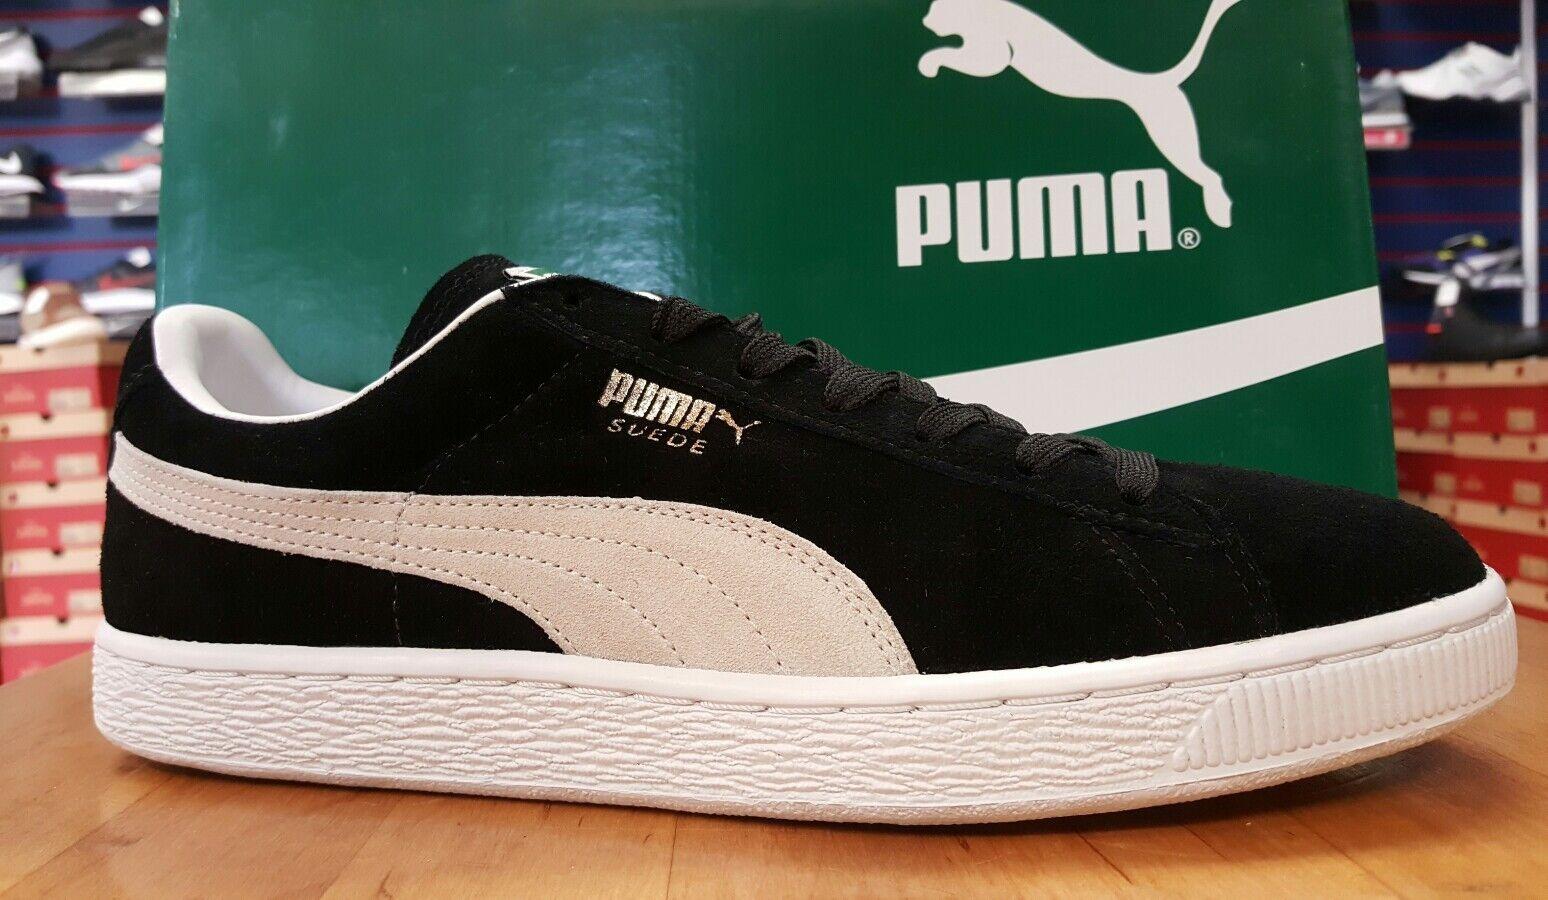 Puma Suede Classic  /  / negro blanco /  de los hombres casual salvaje tamaño 9,5 be240e